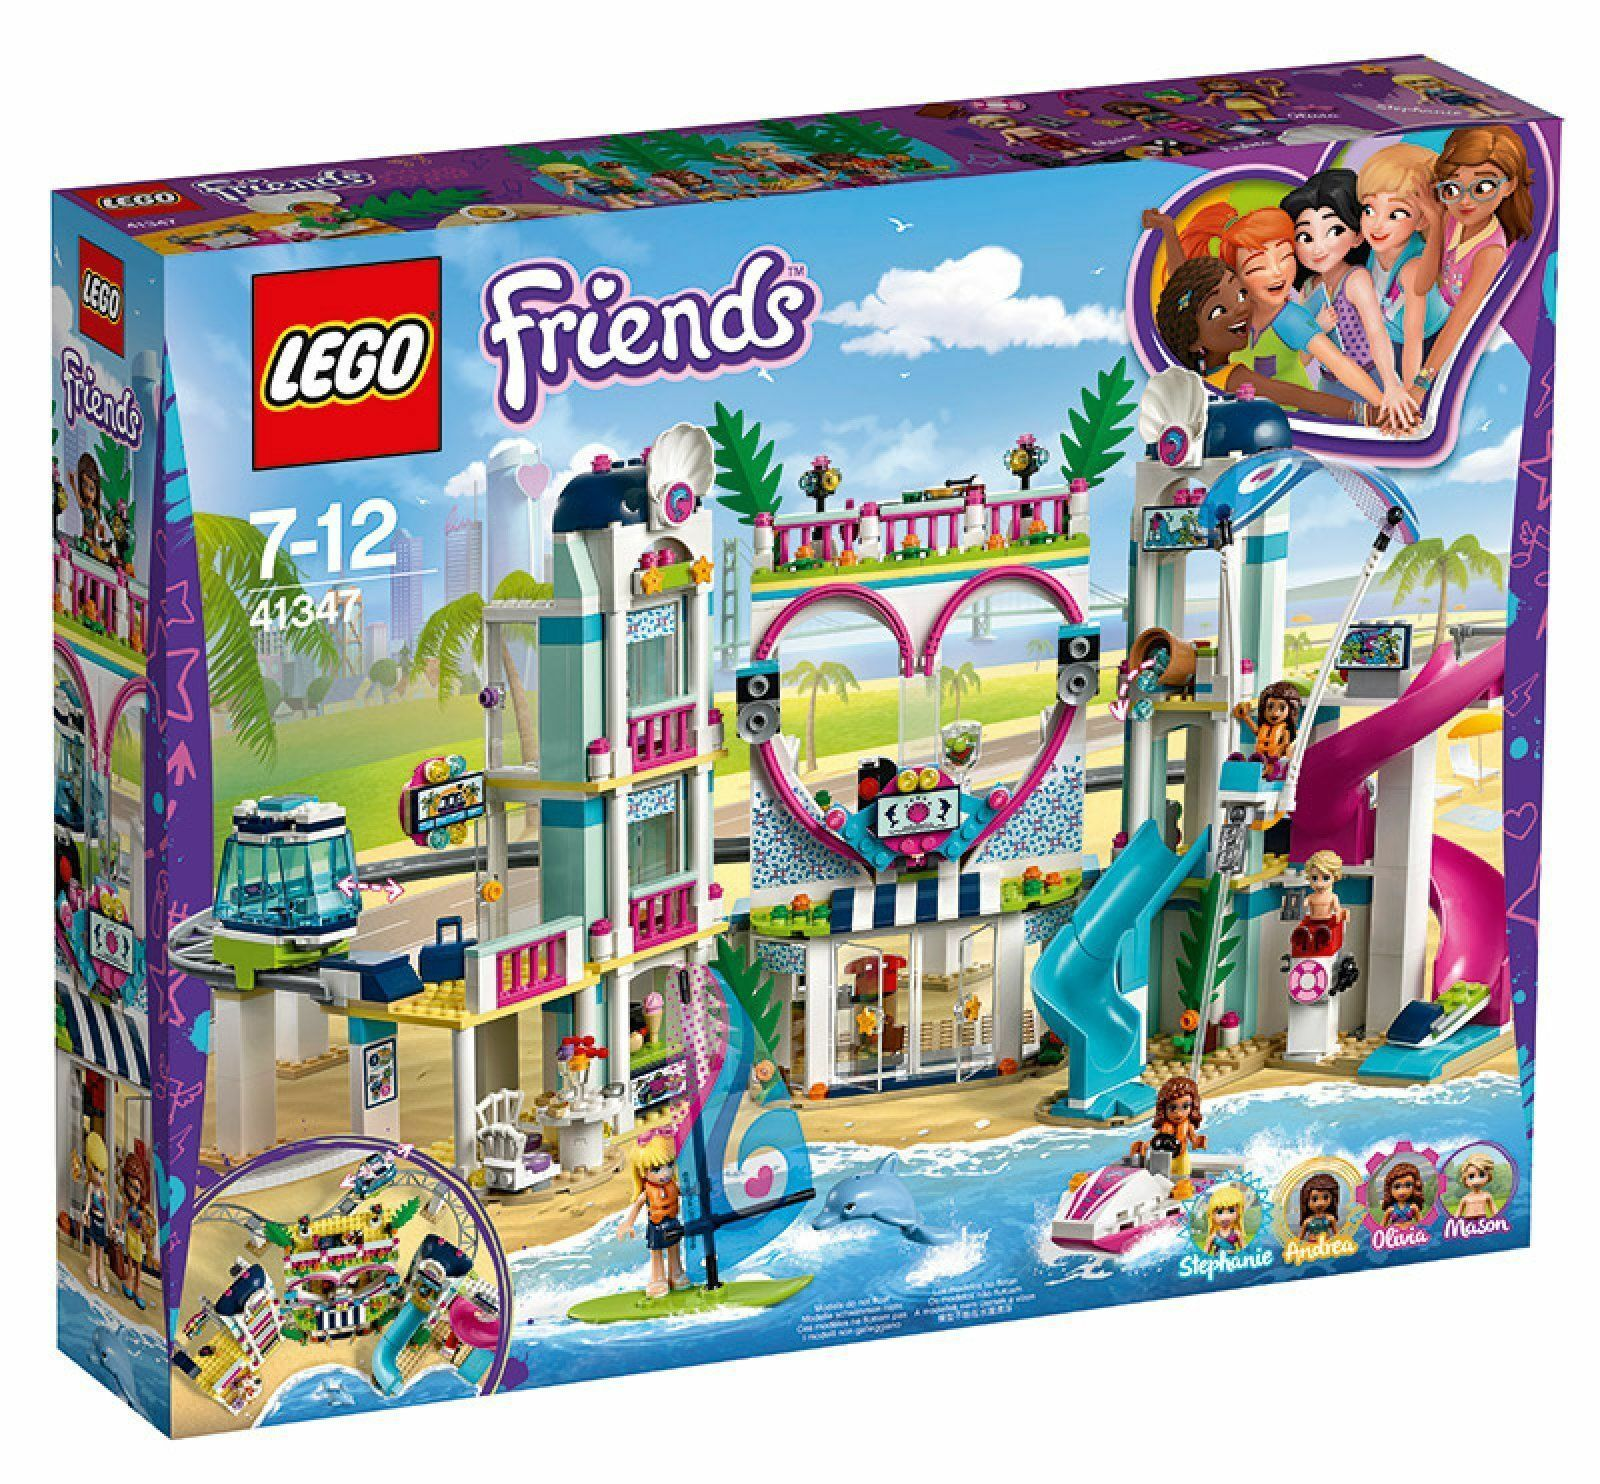 elementi di novità LEGO FRIENDS 41347 IL RESORT RESORT RESORT DI HEARTLAKE città  NUOVO  fornire un prodotto di qualità